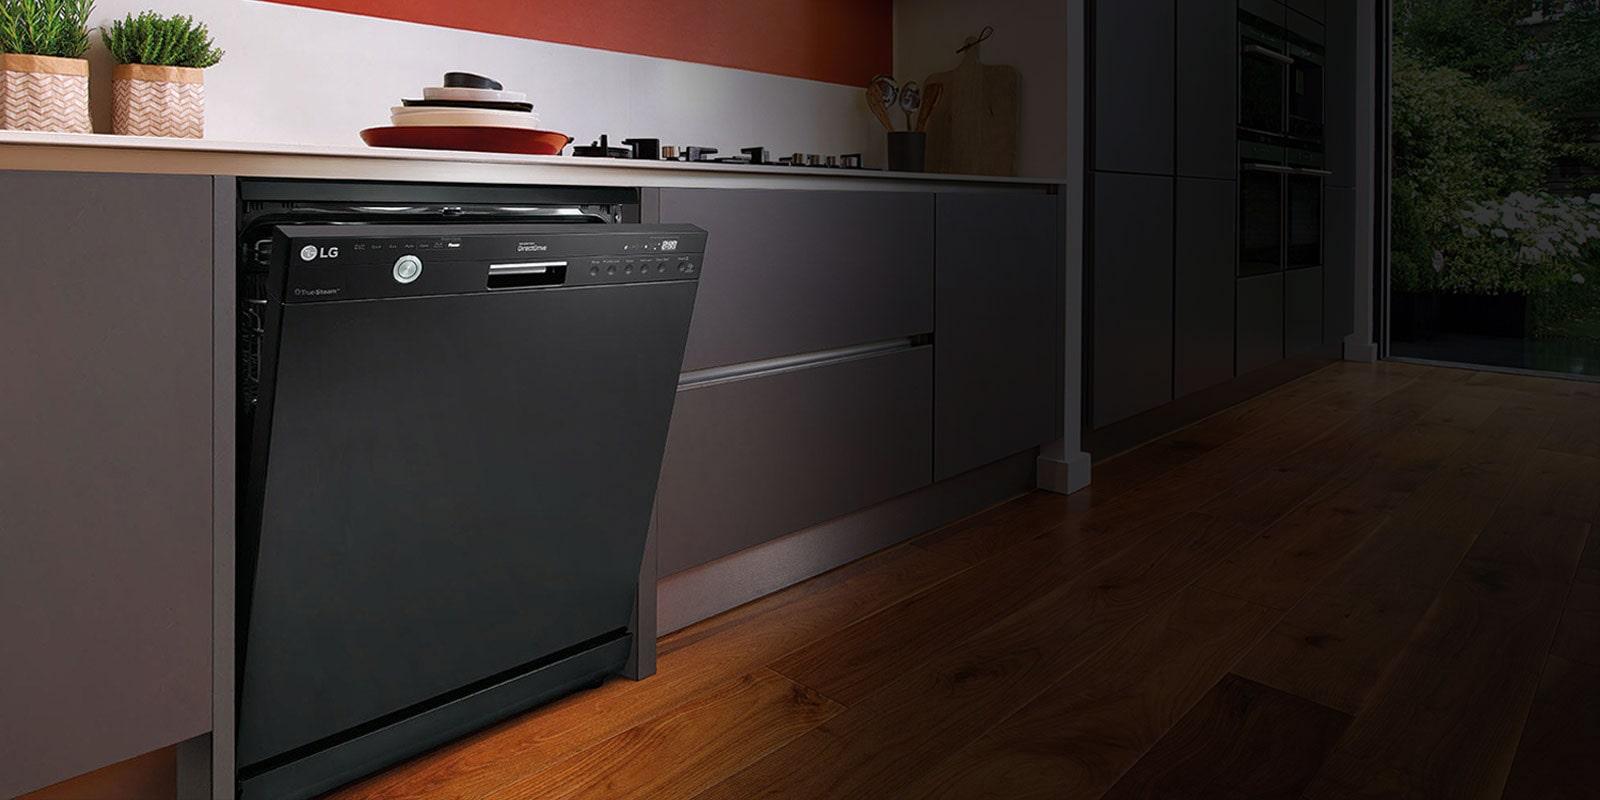 lave vaisselles toute la gamme lg lg maroc. Black Bedroom Furniture Sets. Home Design Ideas